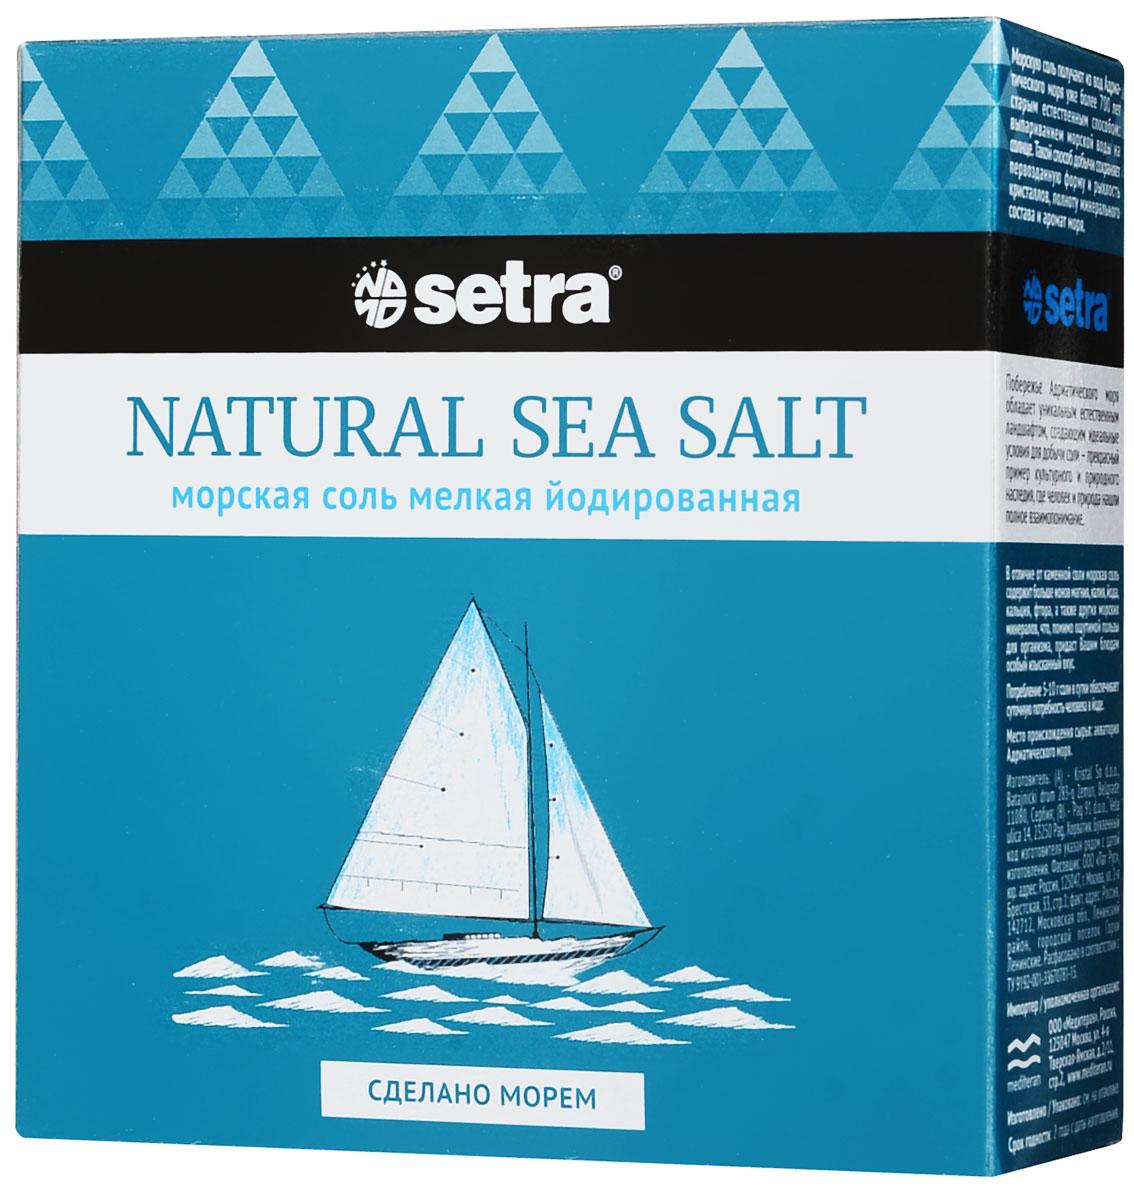 Соль Setra морская мелкая йодированная, 500 г соль setra морская мелкая йодированная 500 г